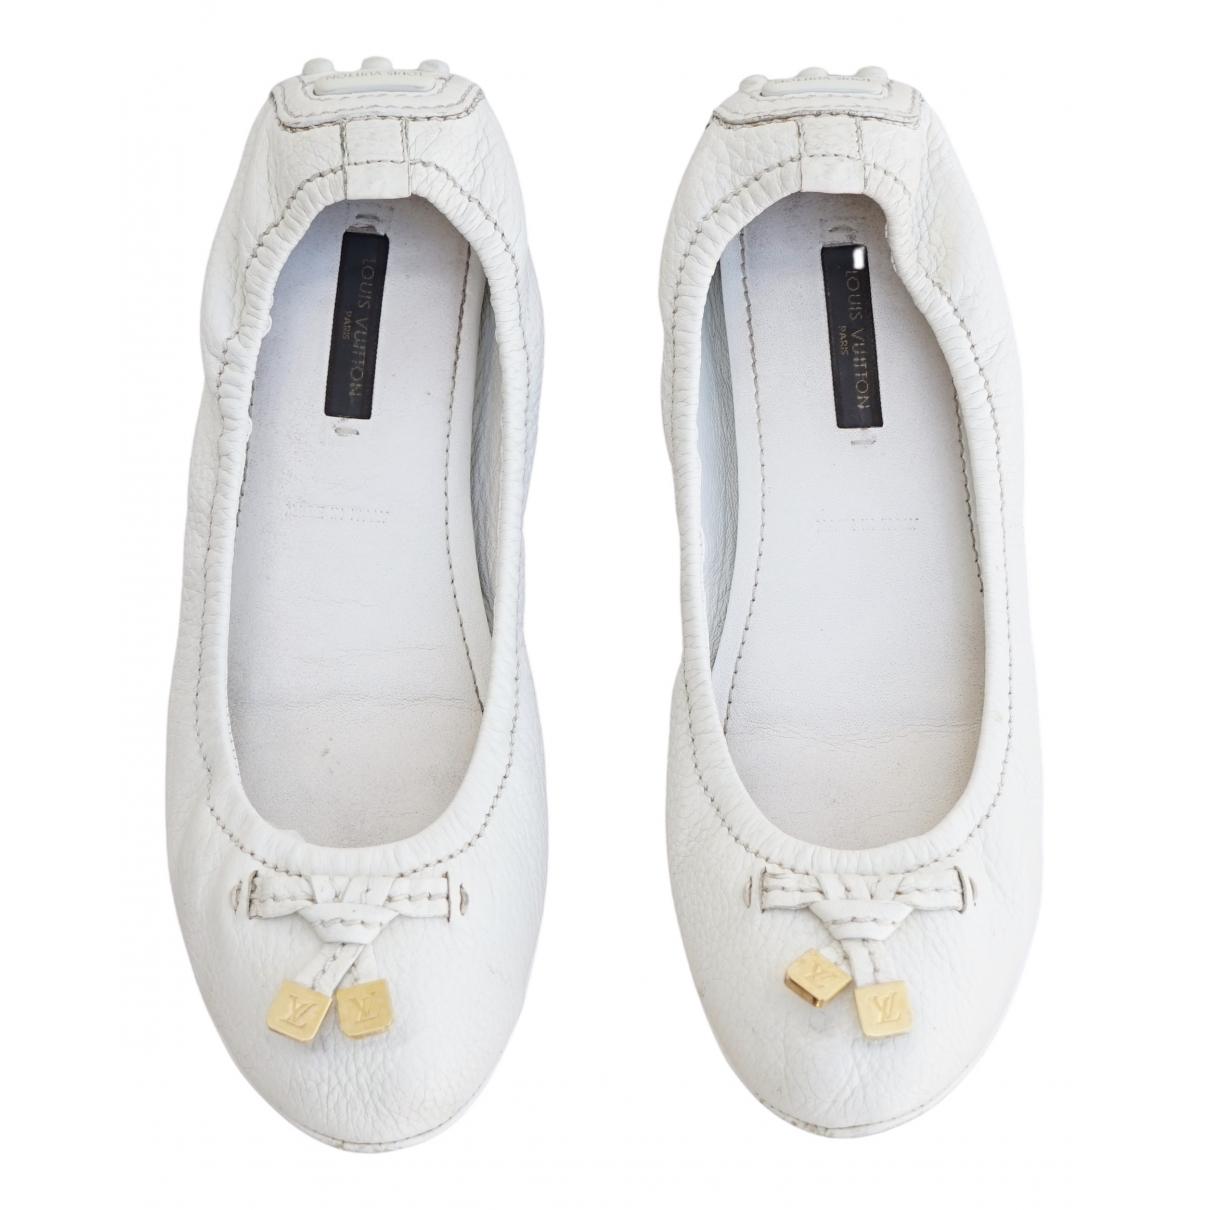 Louis Vuitton \N Ballerinas in  Weiss Leder